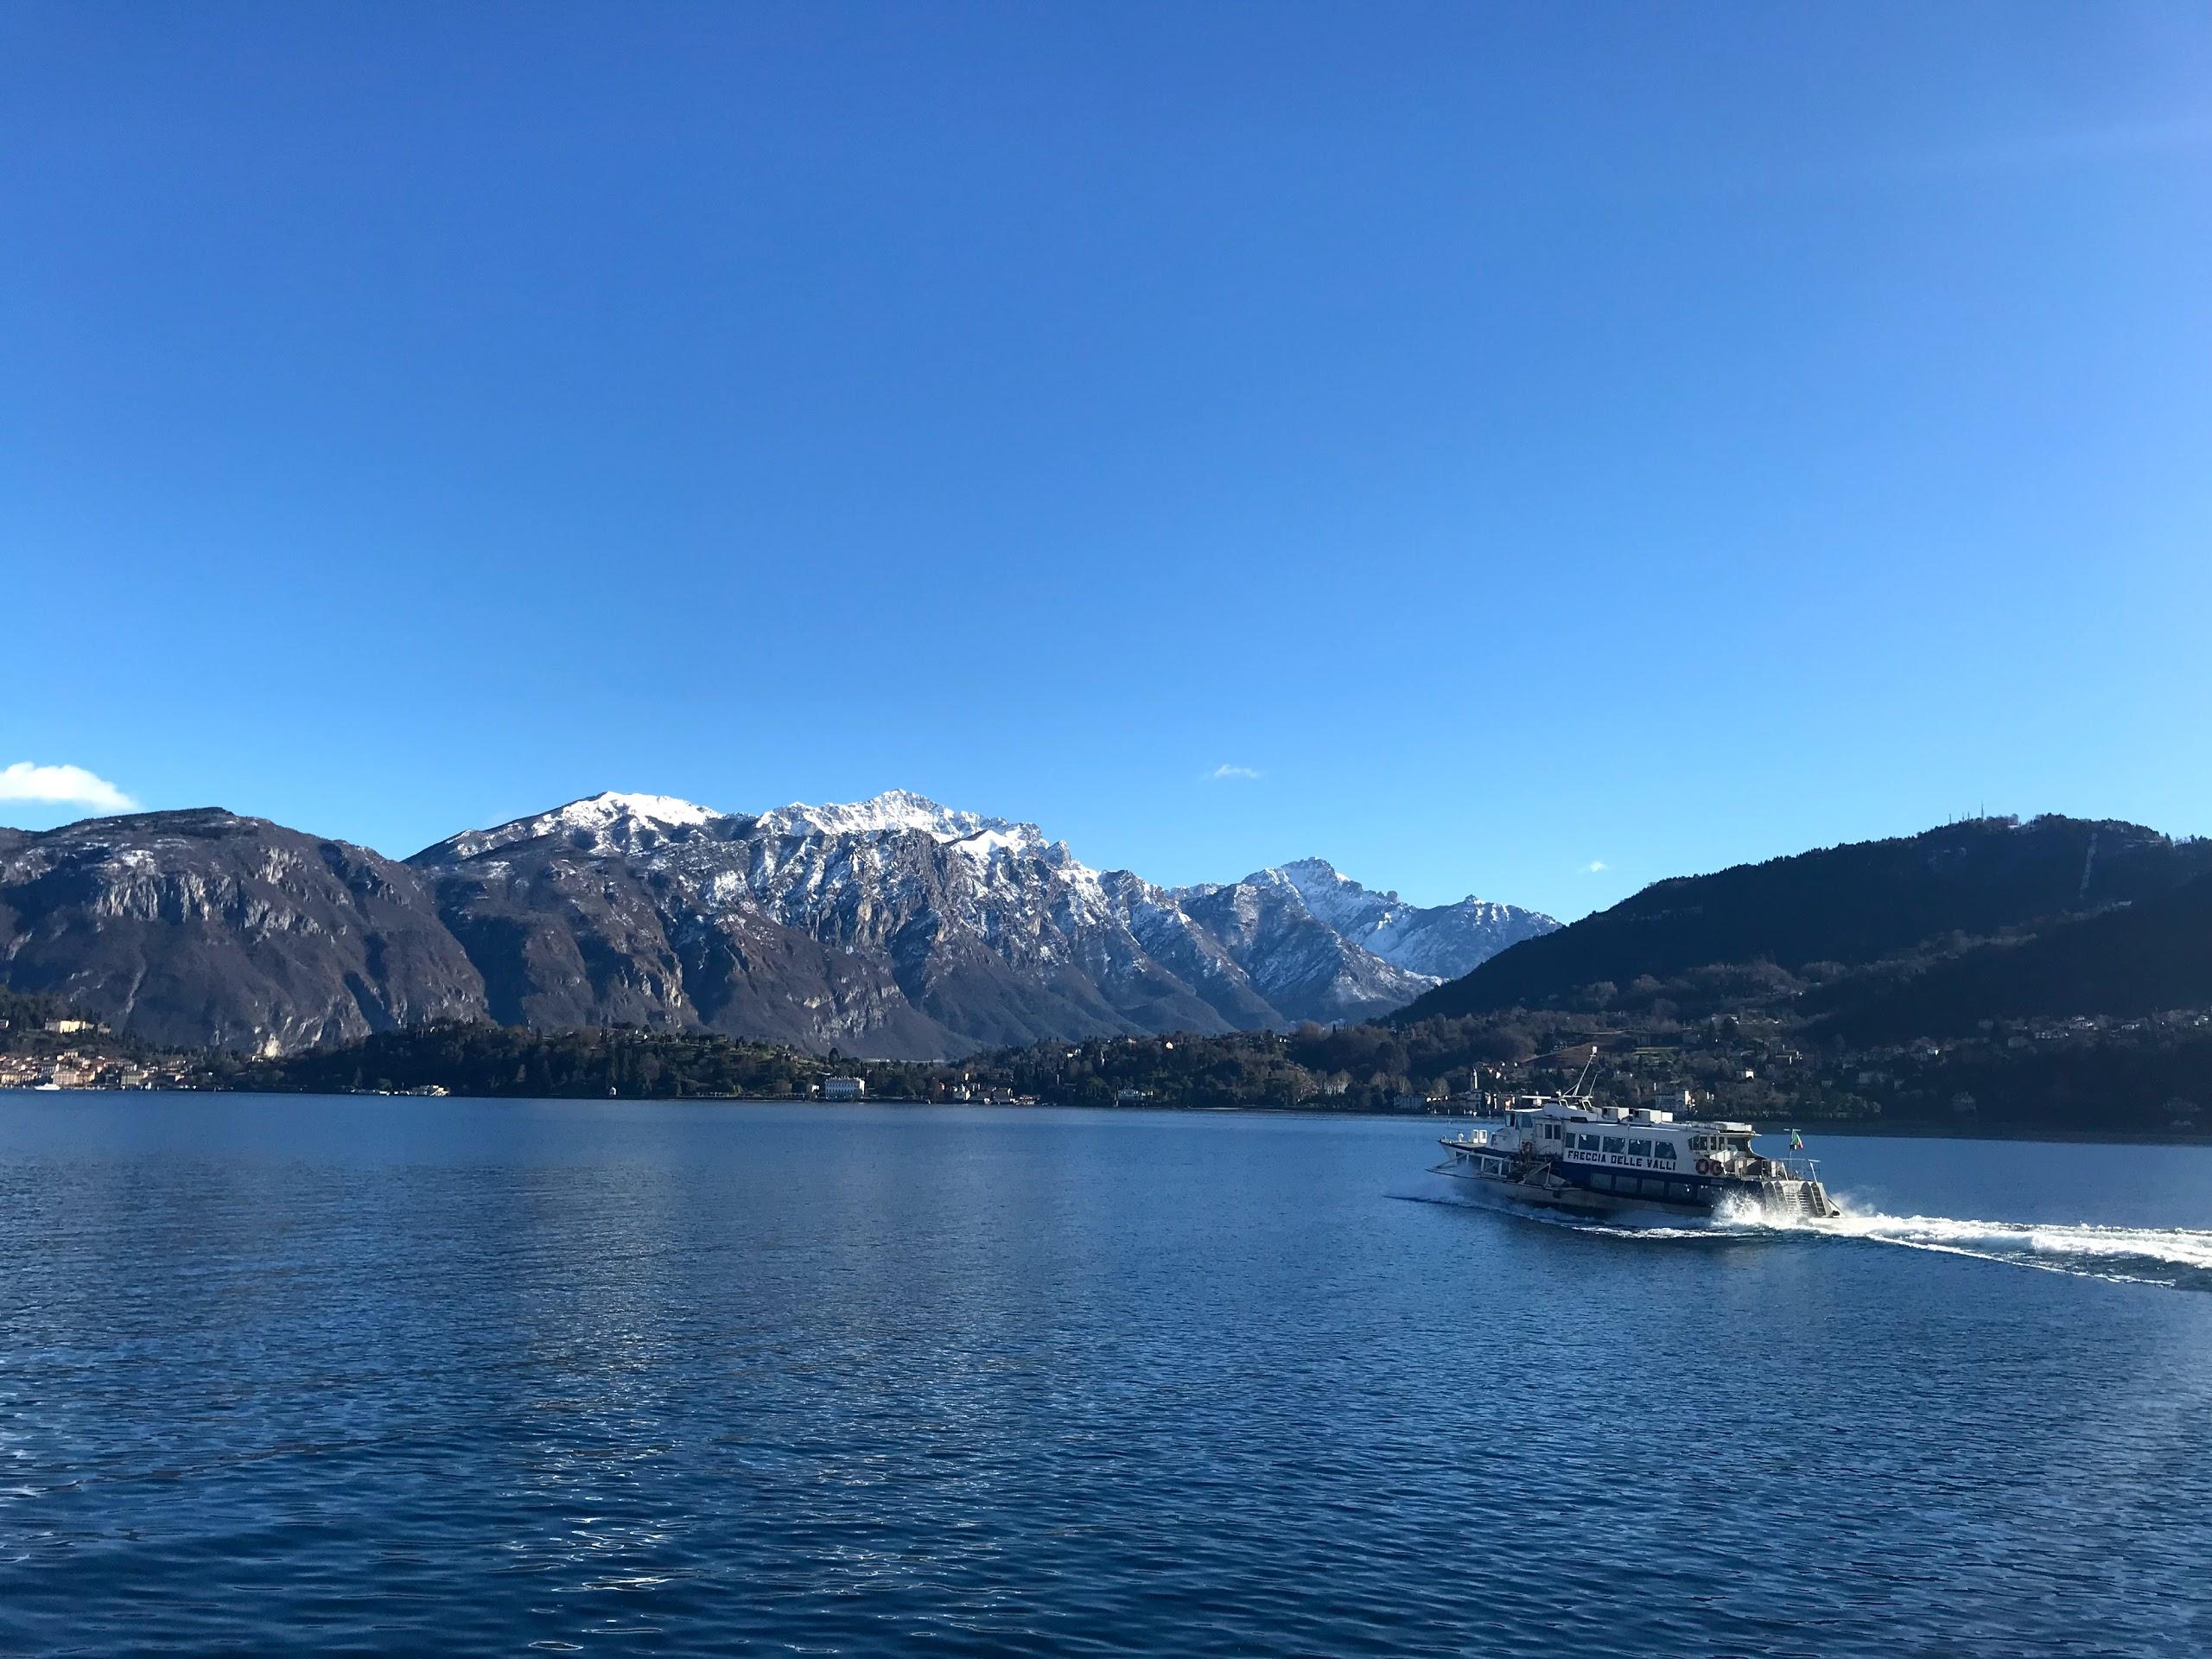 lago de como, itália, alpes